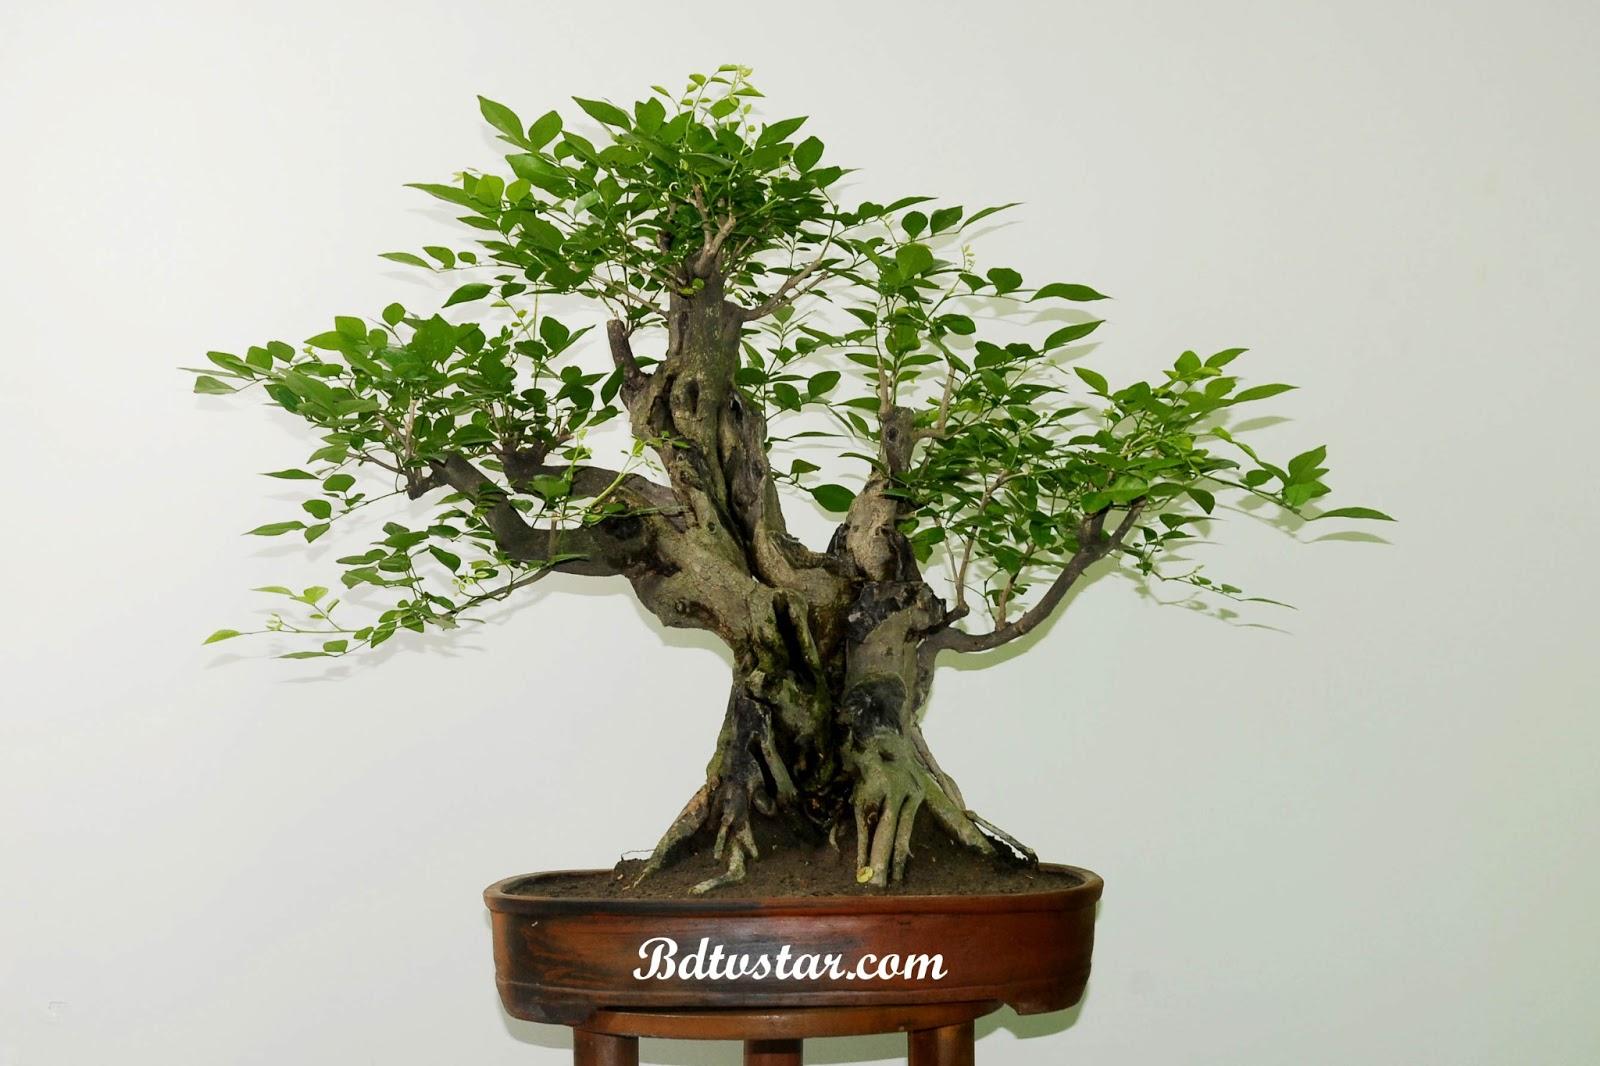 bonsai wallpaper 03 ndash - photo #42